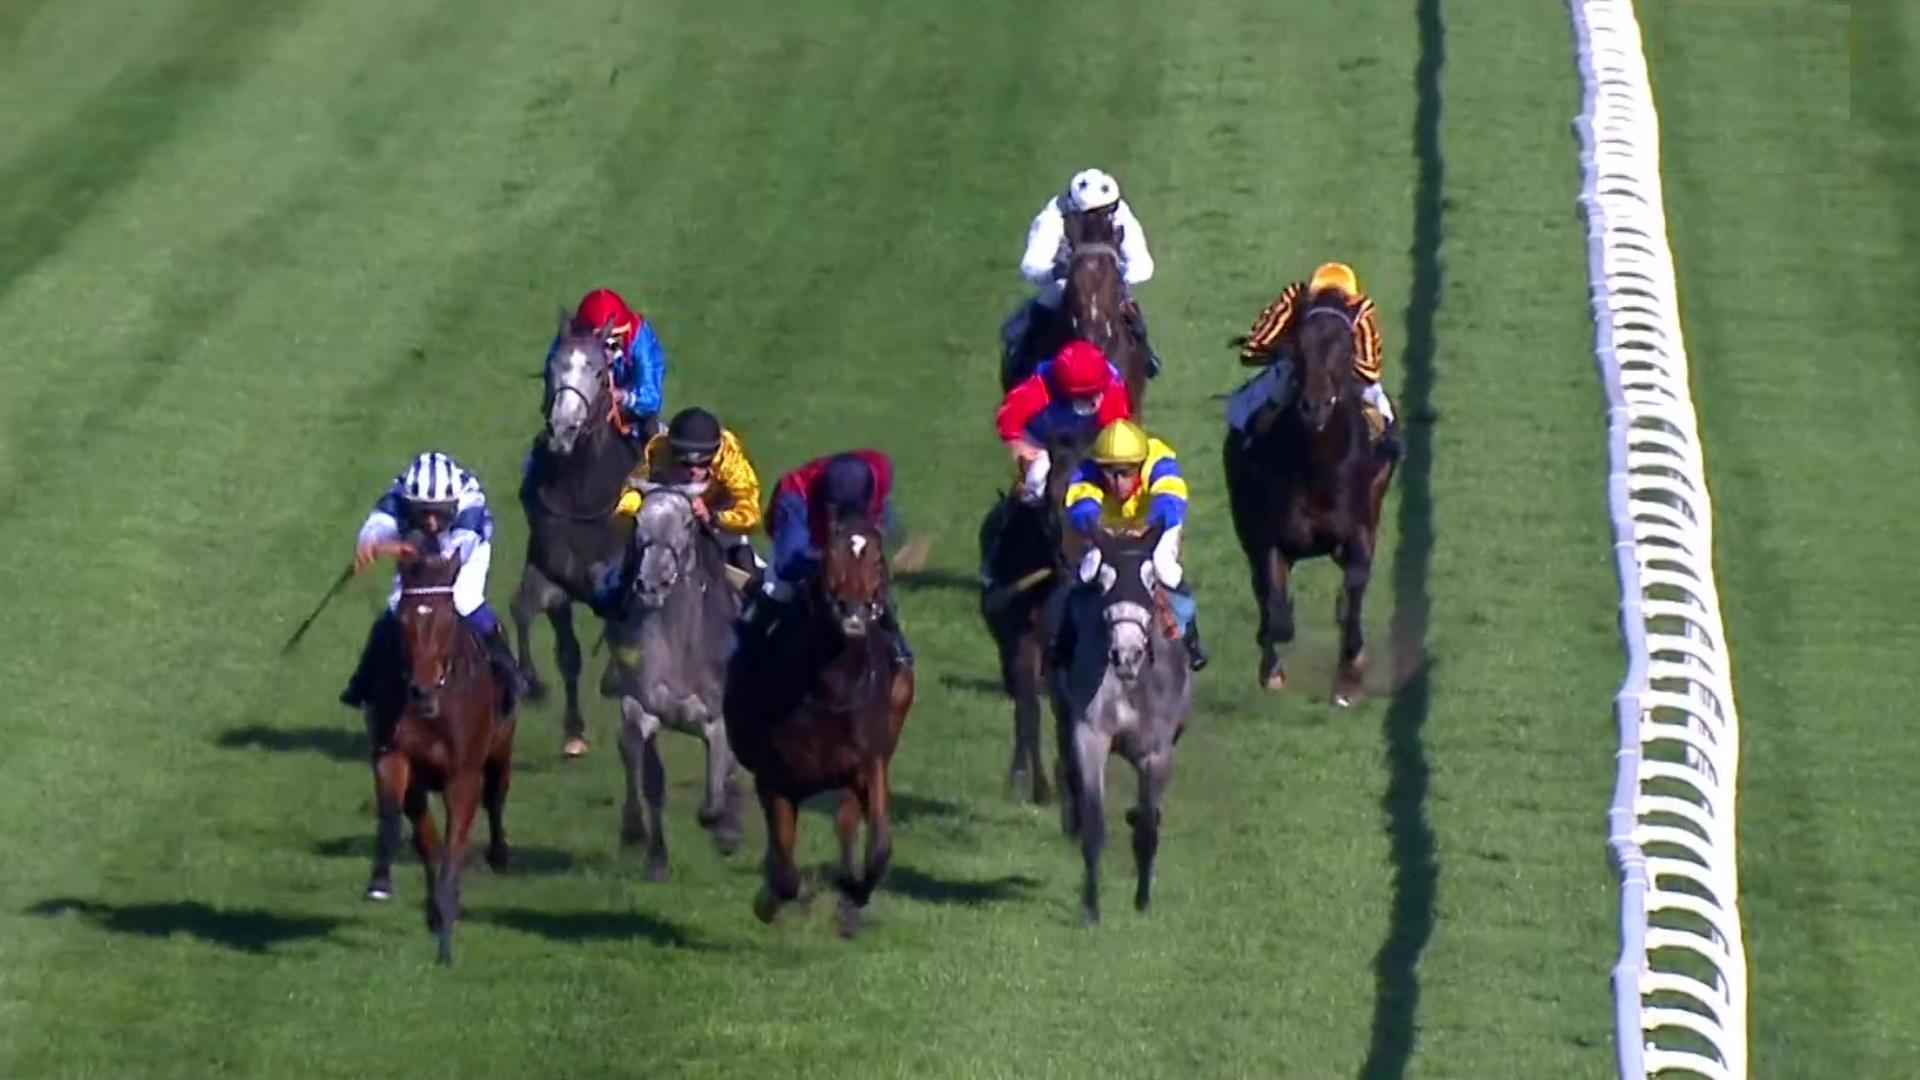 Circuito nal. carreras de caballos (Hipódromo La Zarzuela)